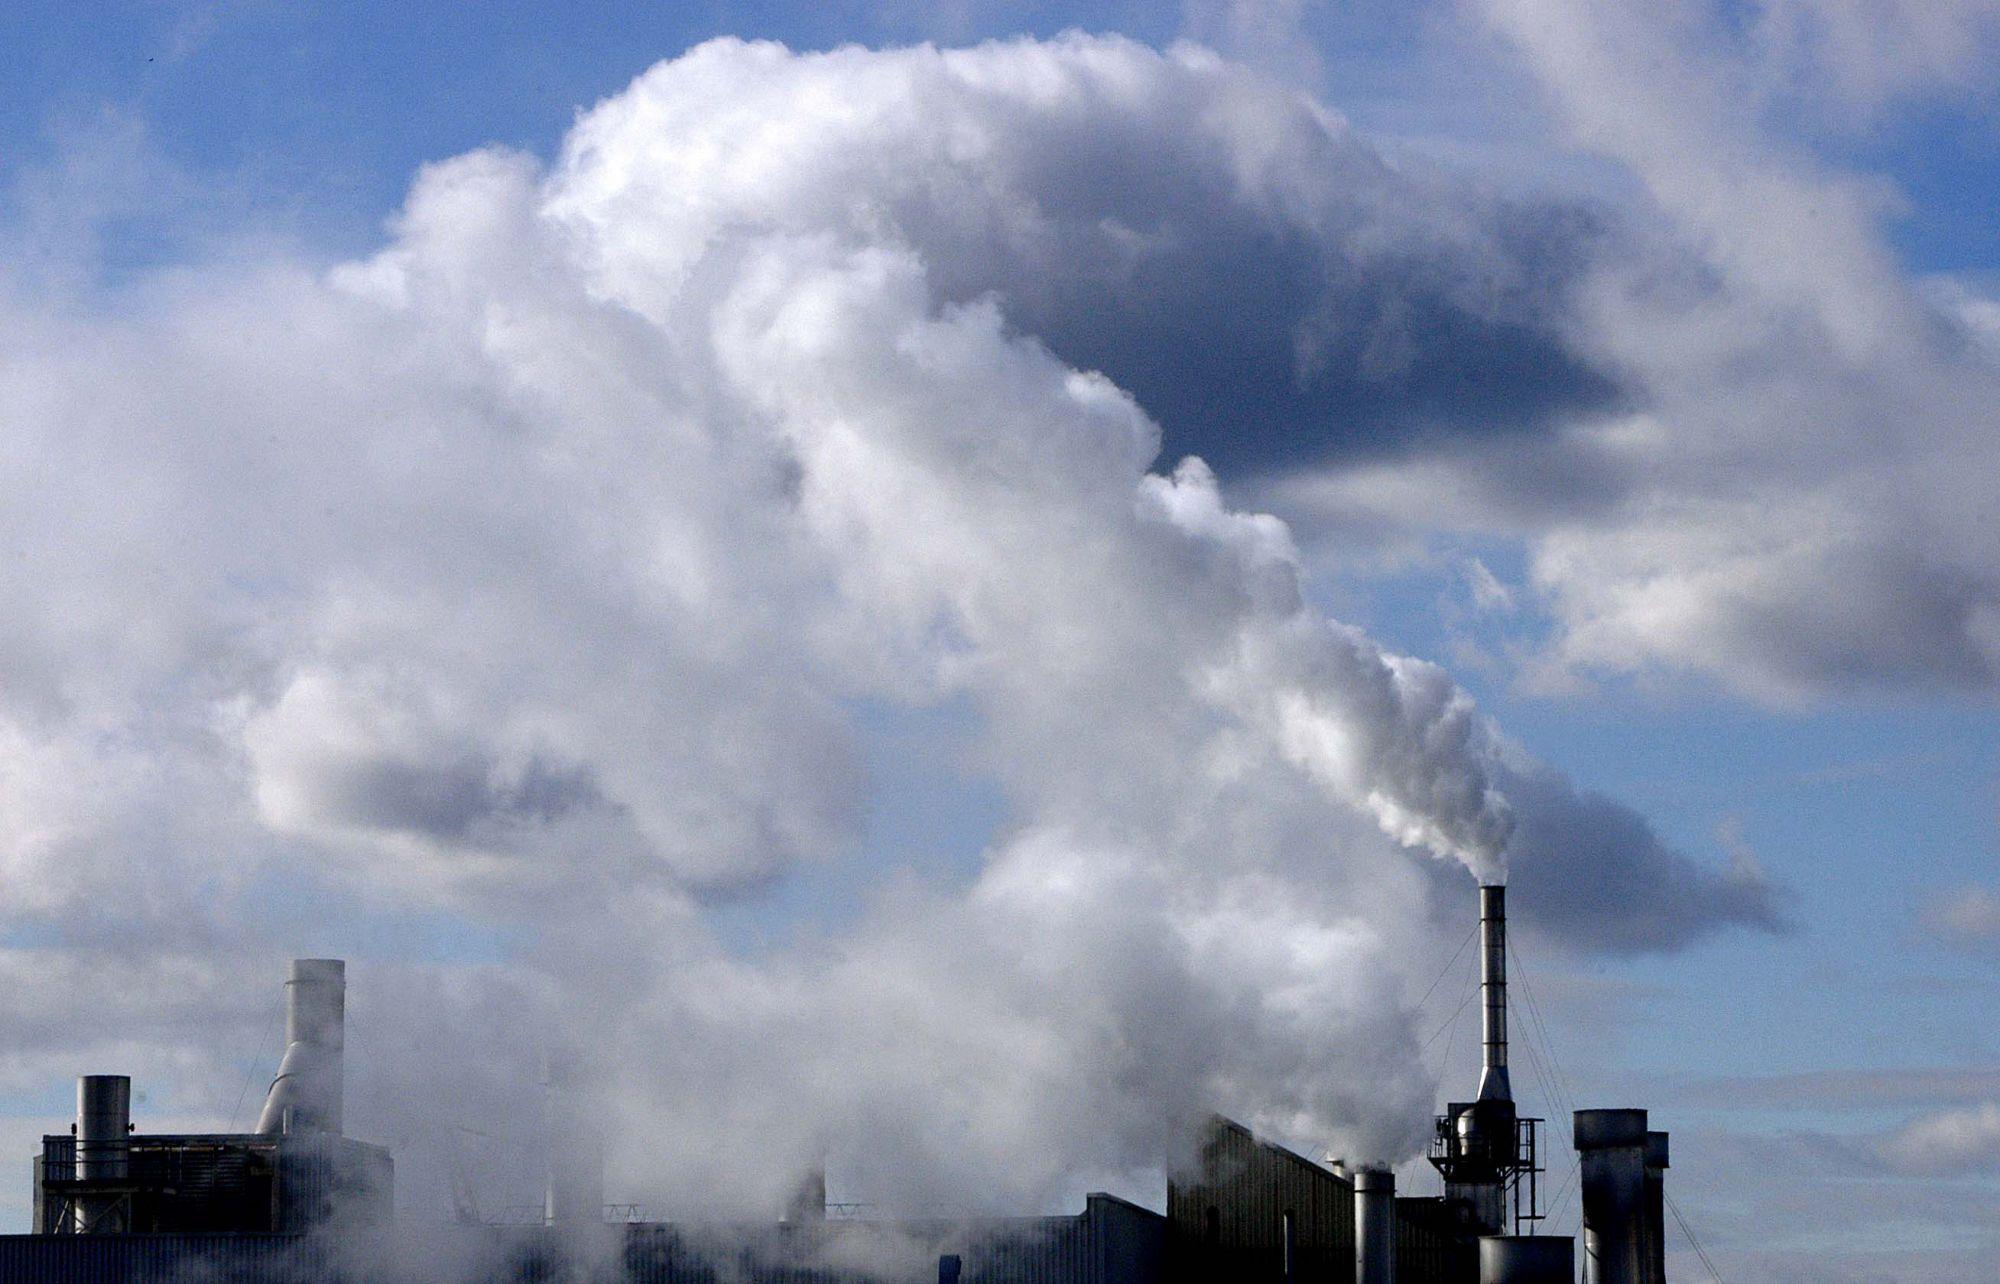 GAZ-ORGANIQUE-POLLUTION-AIR-CIEL-FUMEE-CARBONE